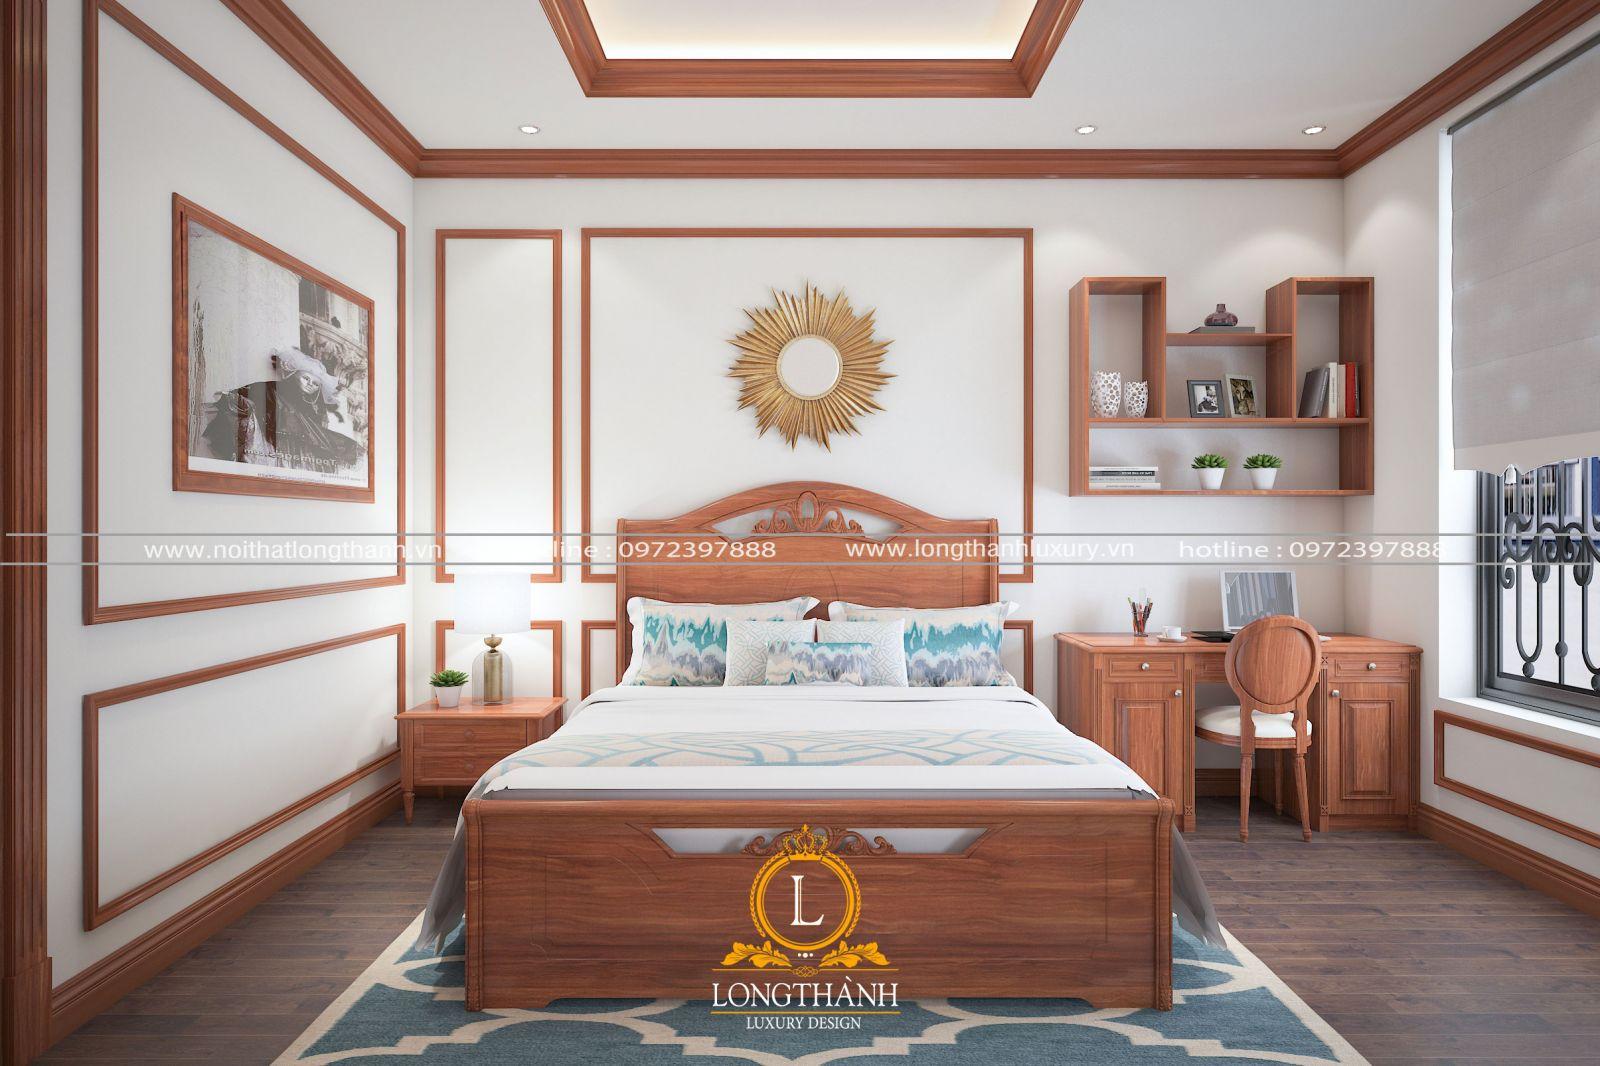 Phòng ngủ hiện đại màu vàng sáng